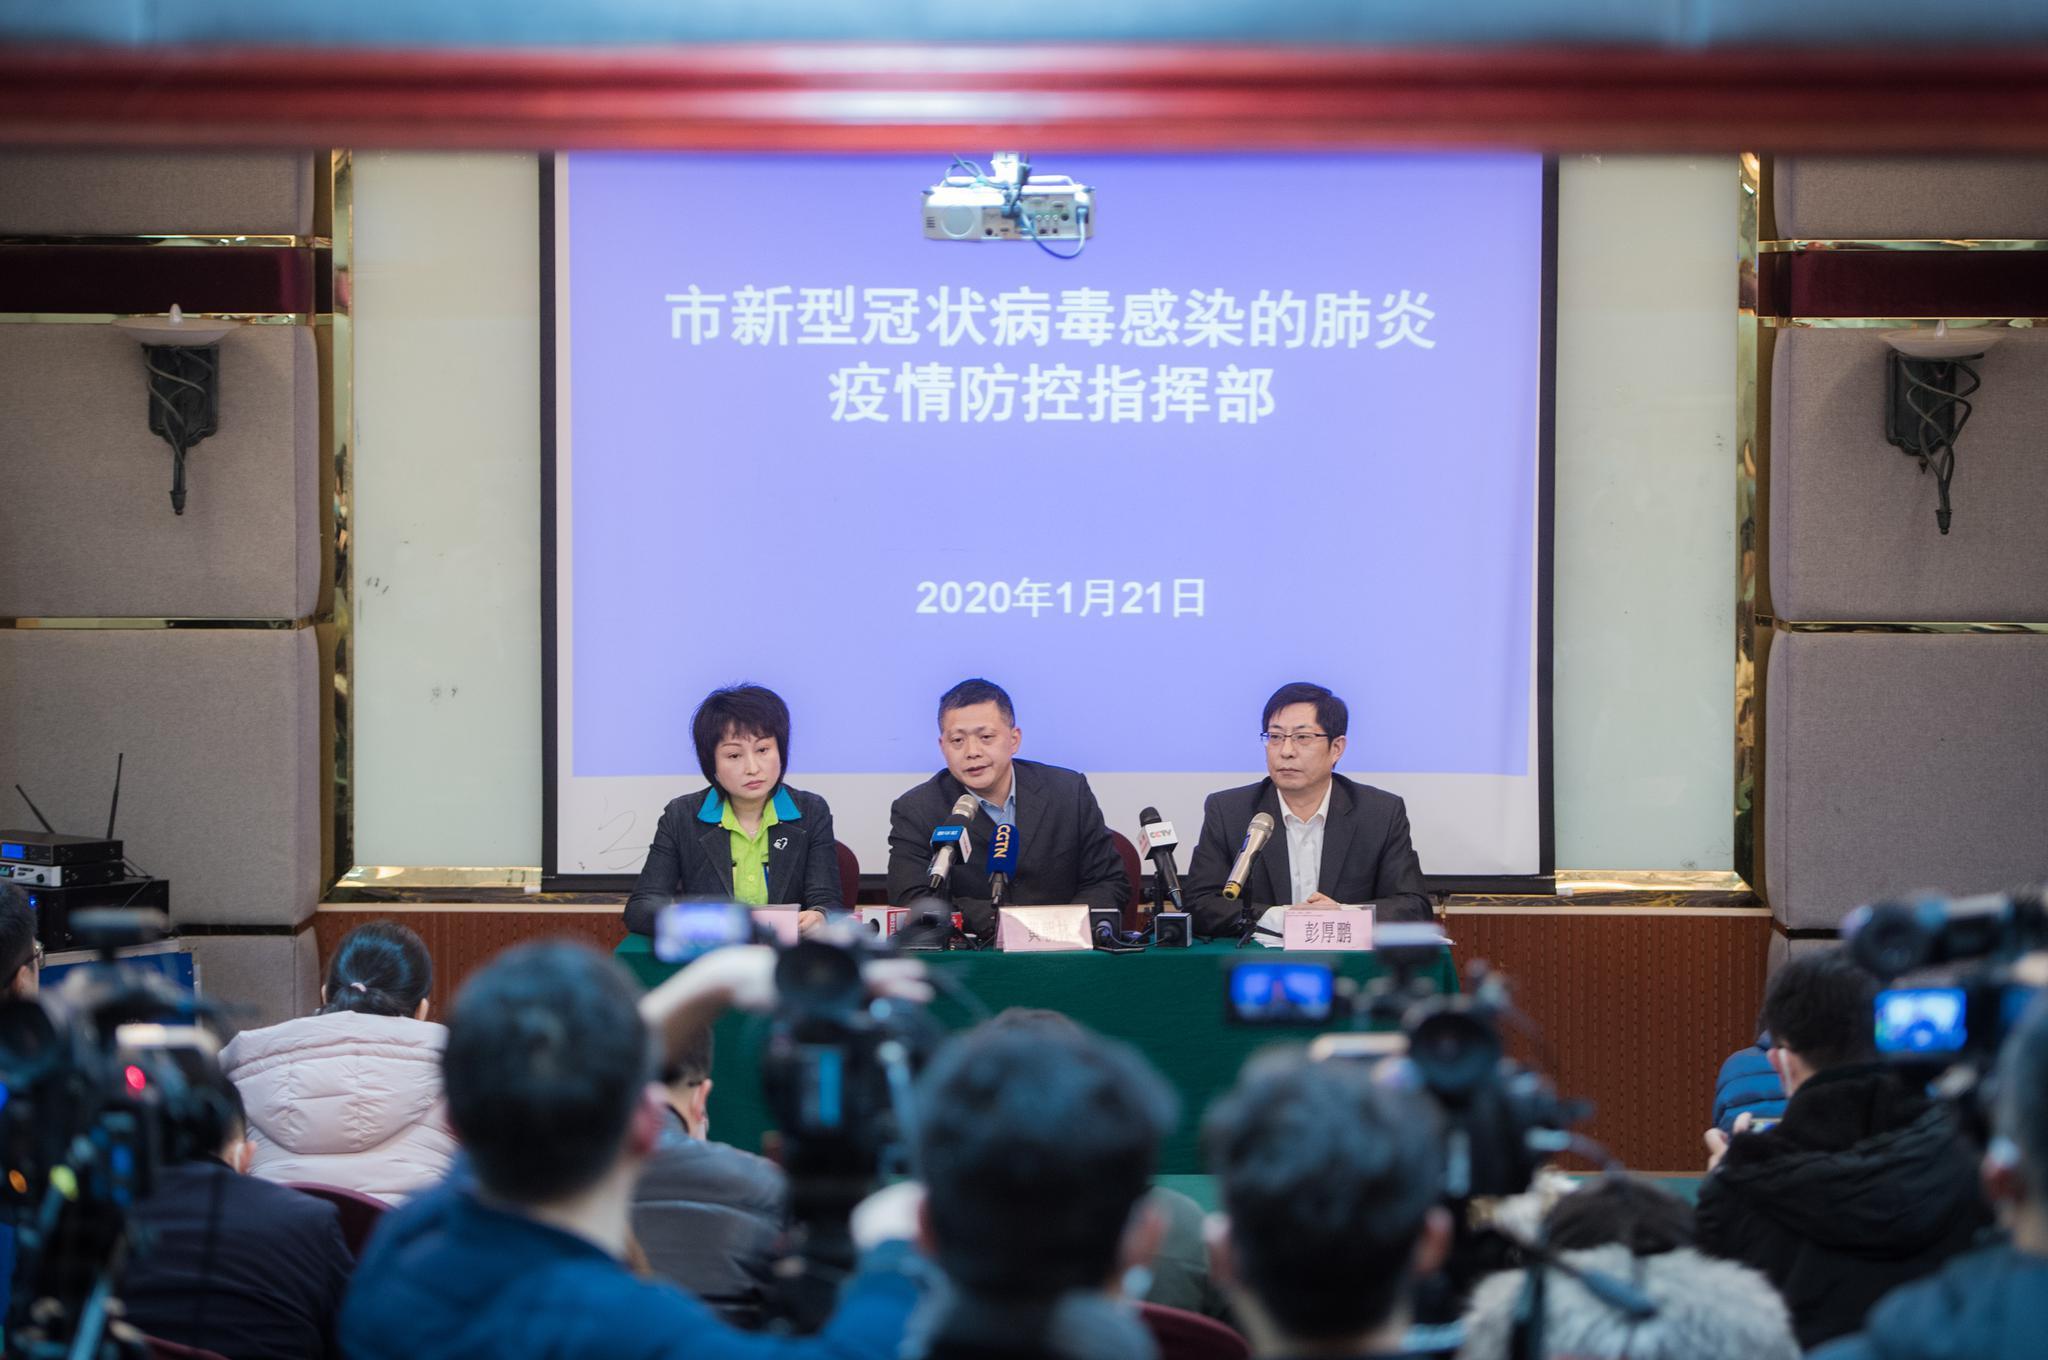 1月21日,武汉市新型冠状病毒感染的肺炎疫情防控指挥部召开新闻发布会 图片来源:新华社